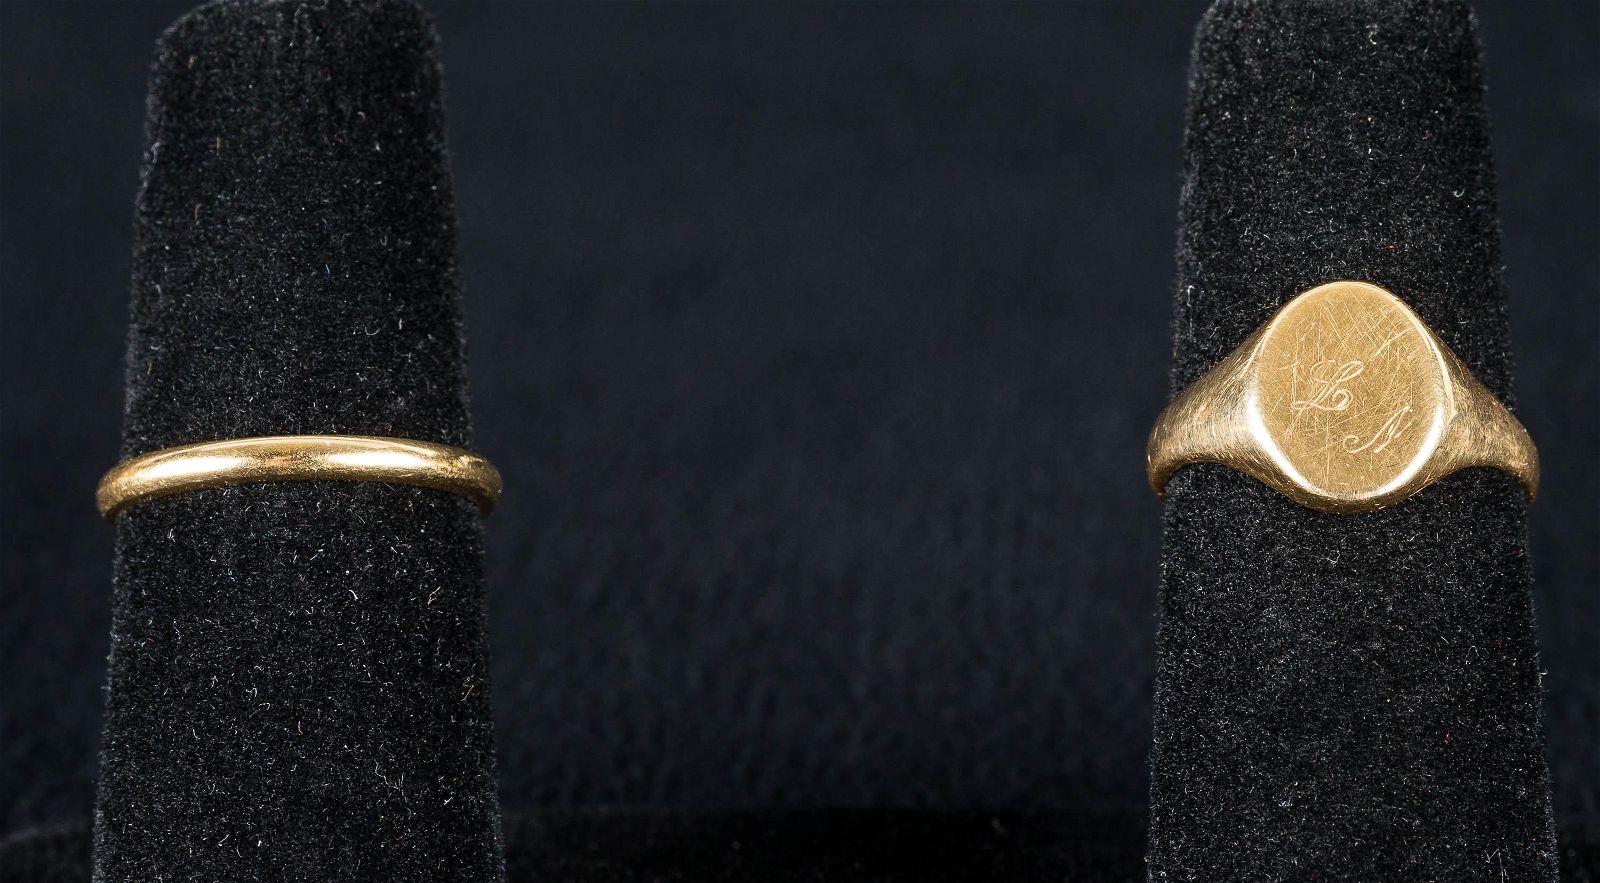 14K Gold Rings (2)